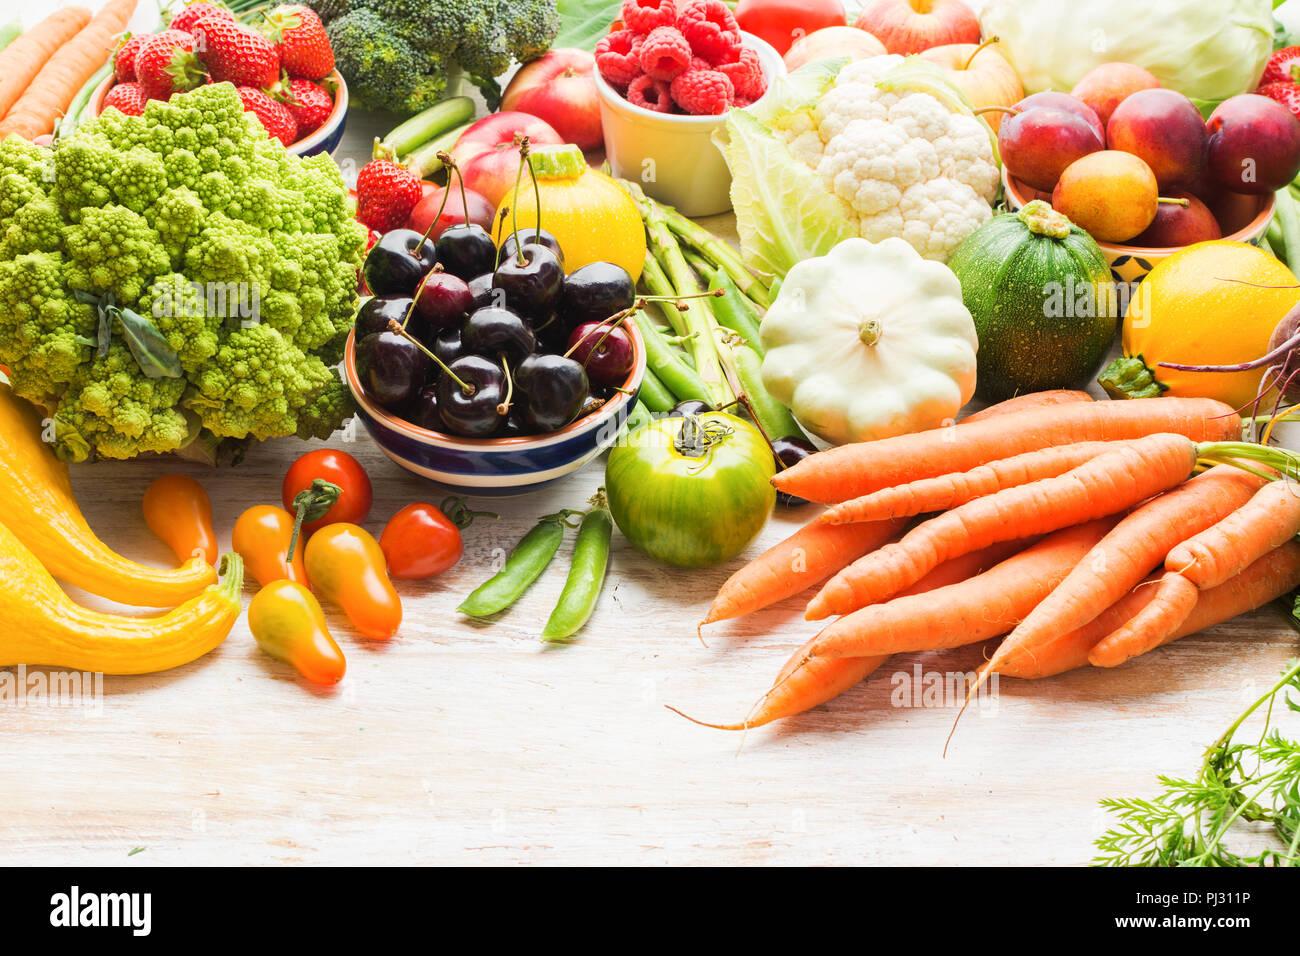 Viele sommer Früchte Gemüse Beeren, Äpfel Kirschen Pfirsiche Erdbeeren weißkohl Brokkoli Blumenkohl squash Tomaten Möhren Frühlingszwiebeln Bohnen, rote Rüben, Kopie, selektiven Fokus Stockbild